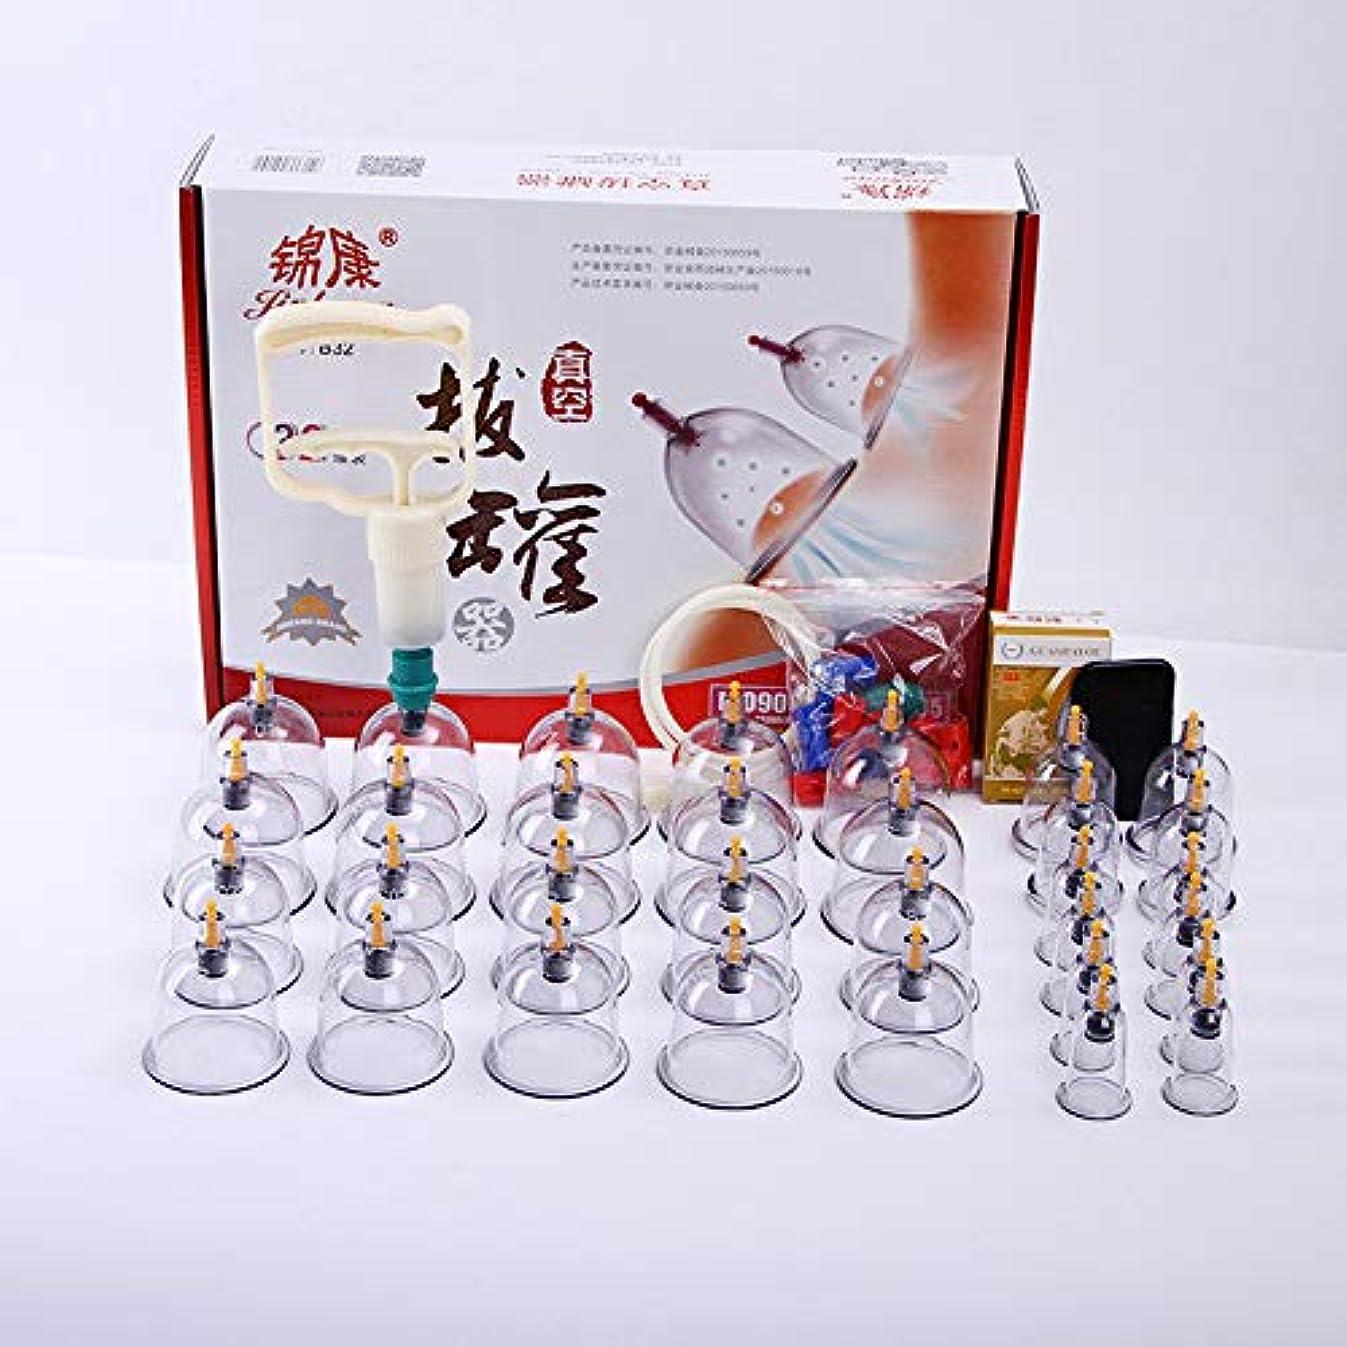 露骨な慣らす案件ホーム中国製カッピング装置、背中/首の痛み/体重減少/リリーフ筋肉用の吸引ハンドル付き32個の真空吸引カップ